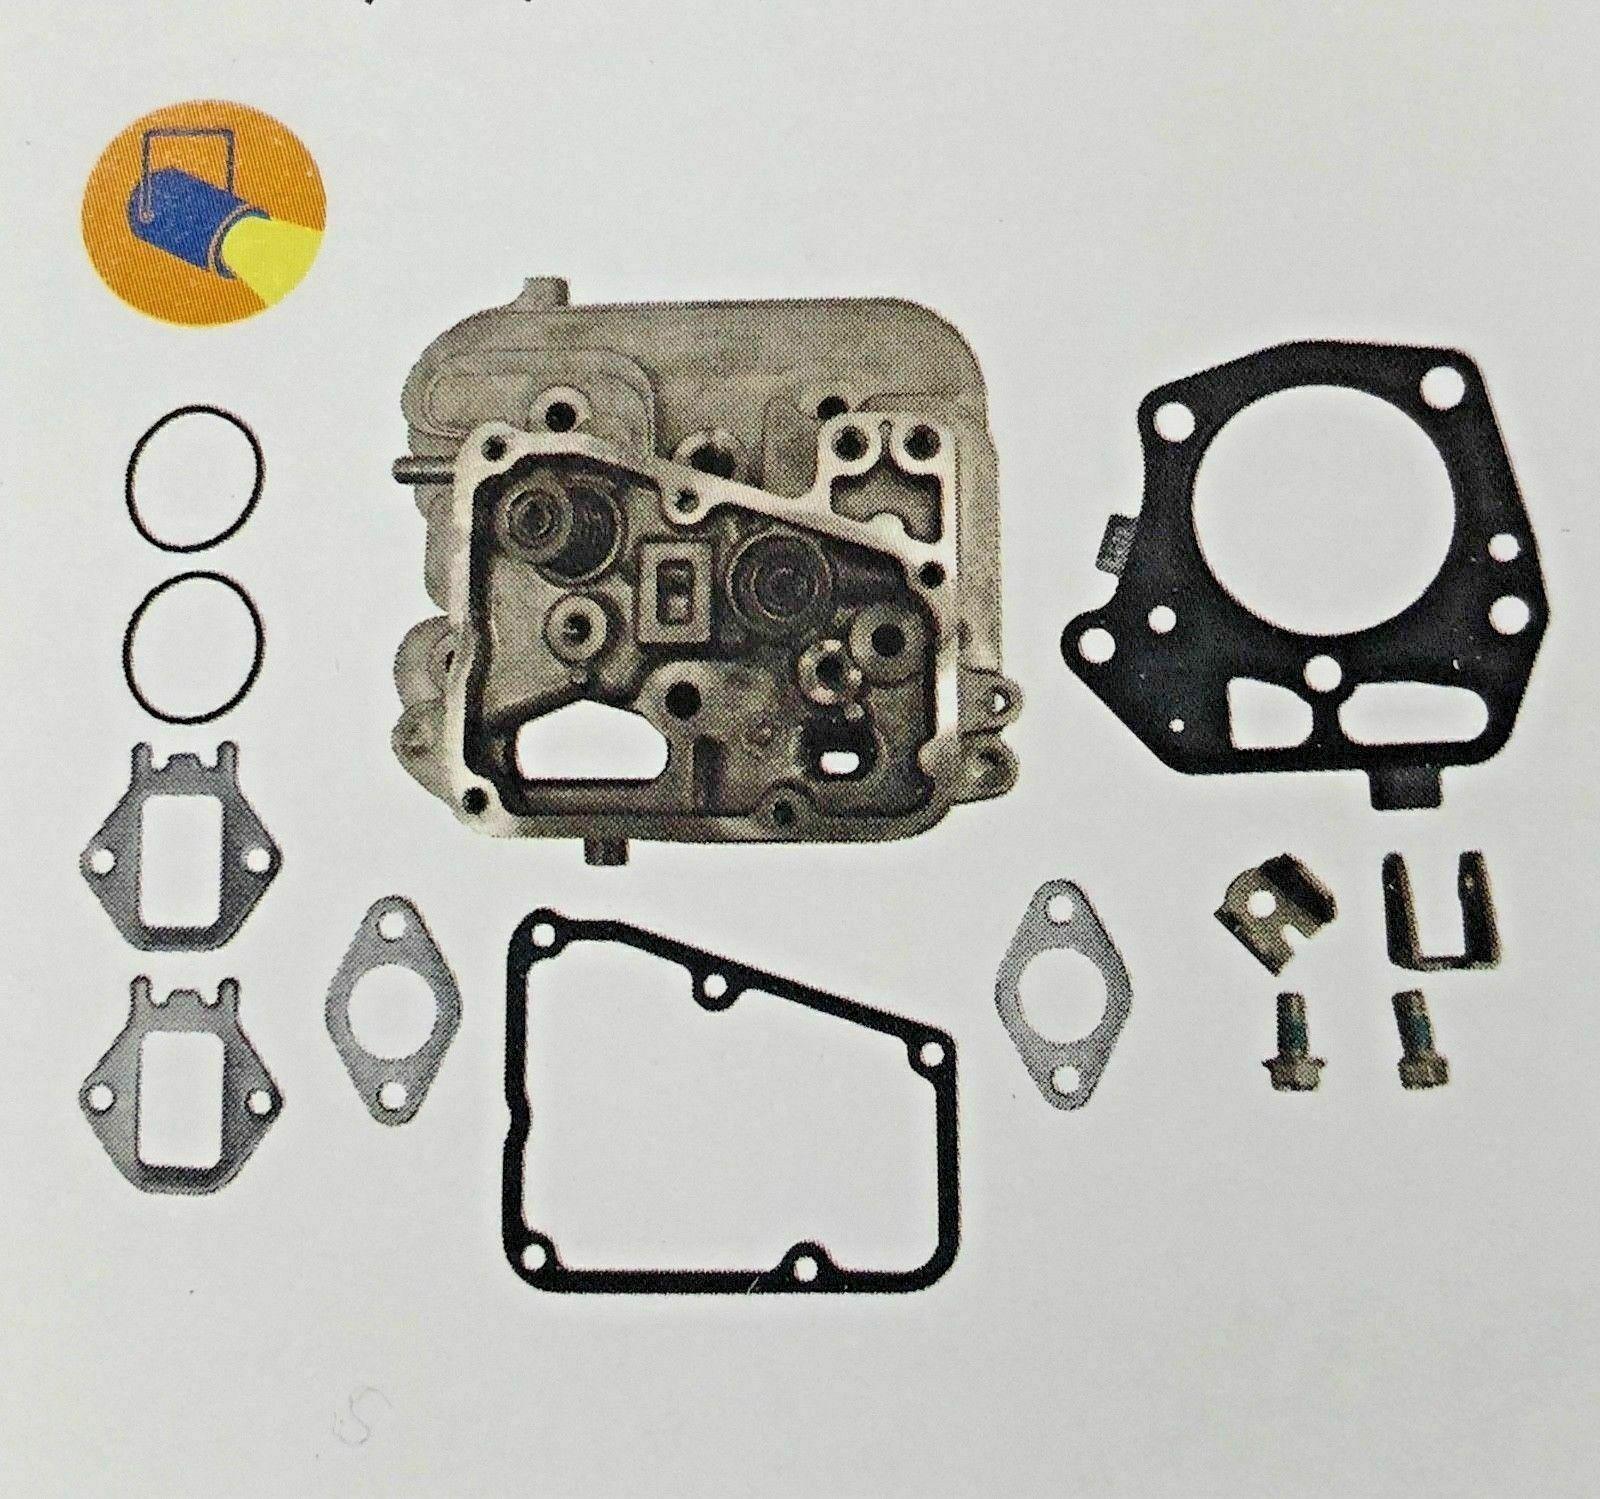 Kawasaki Original Equipment Manufacturer 99999-0631 Culata Completo Kit  2 Fr Fs Fx 481 V 541 V 600 V